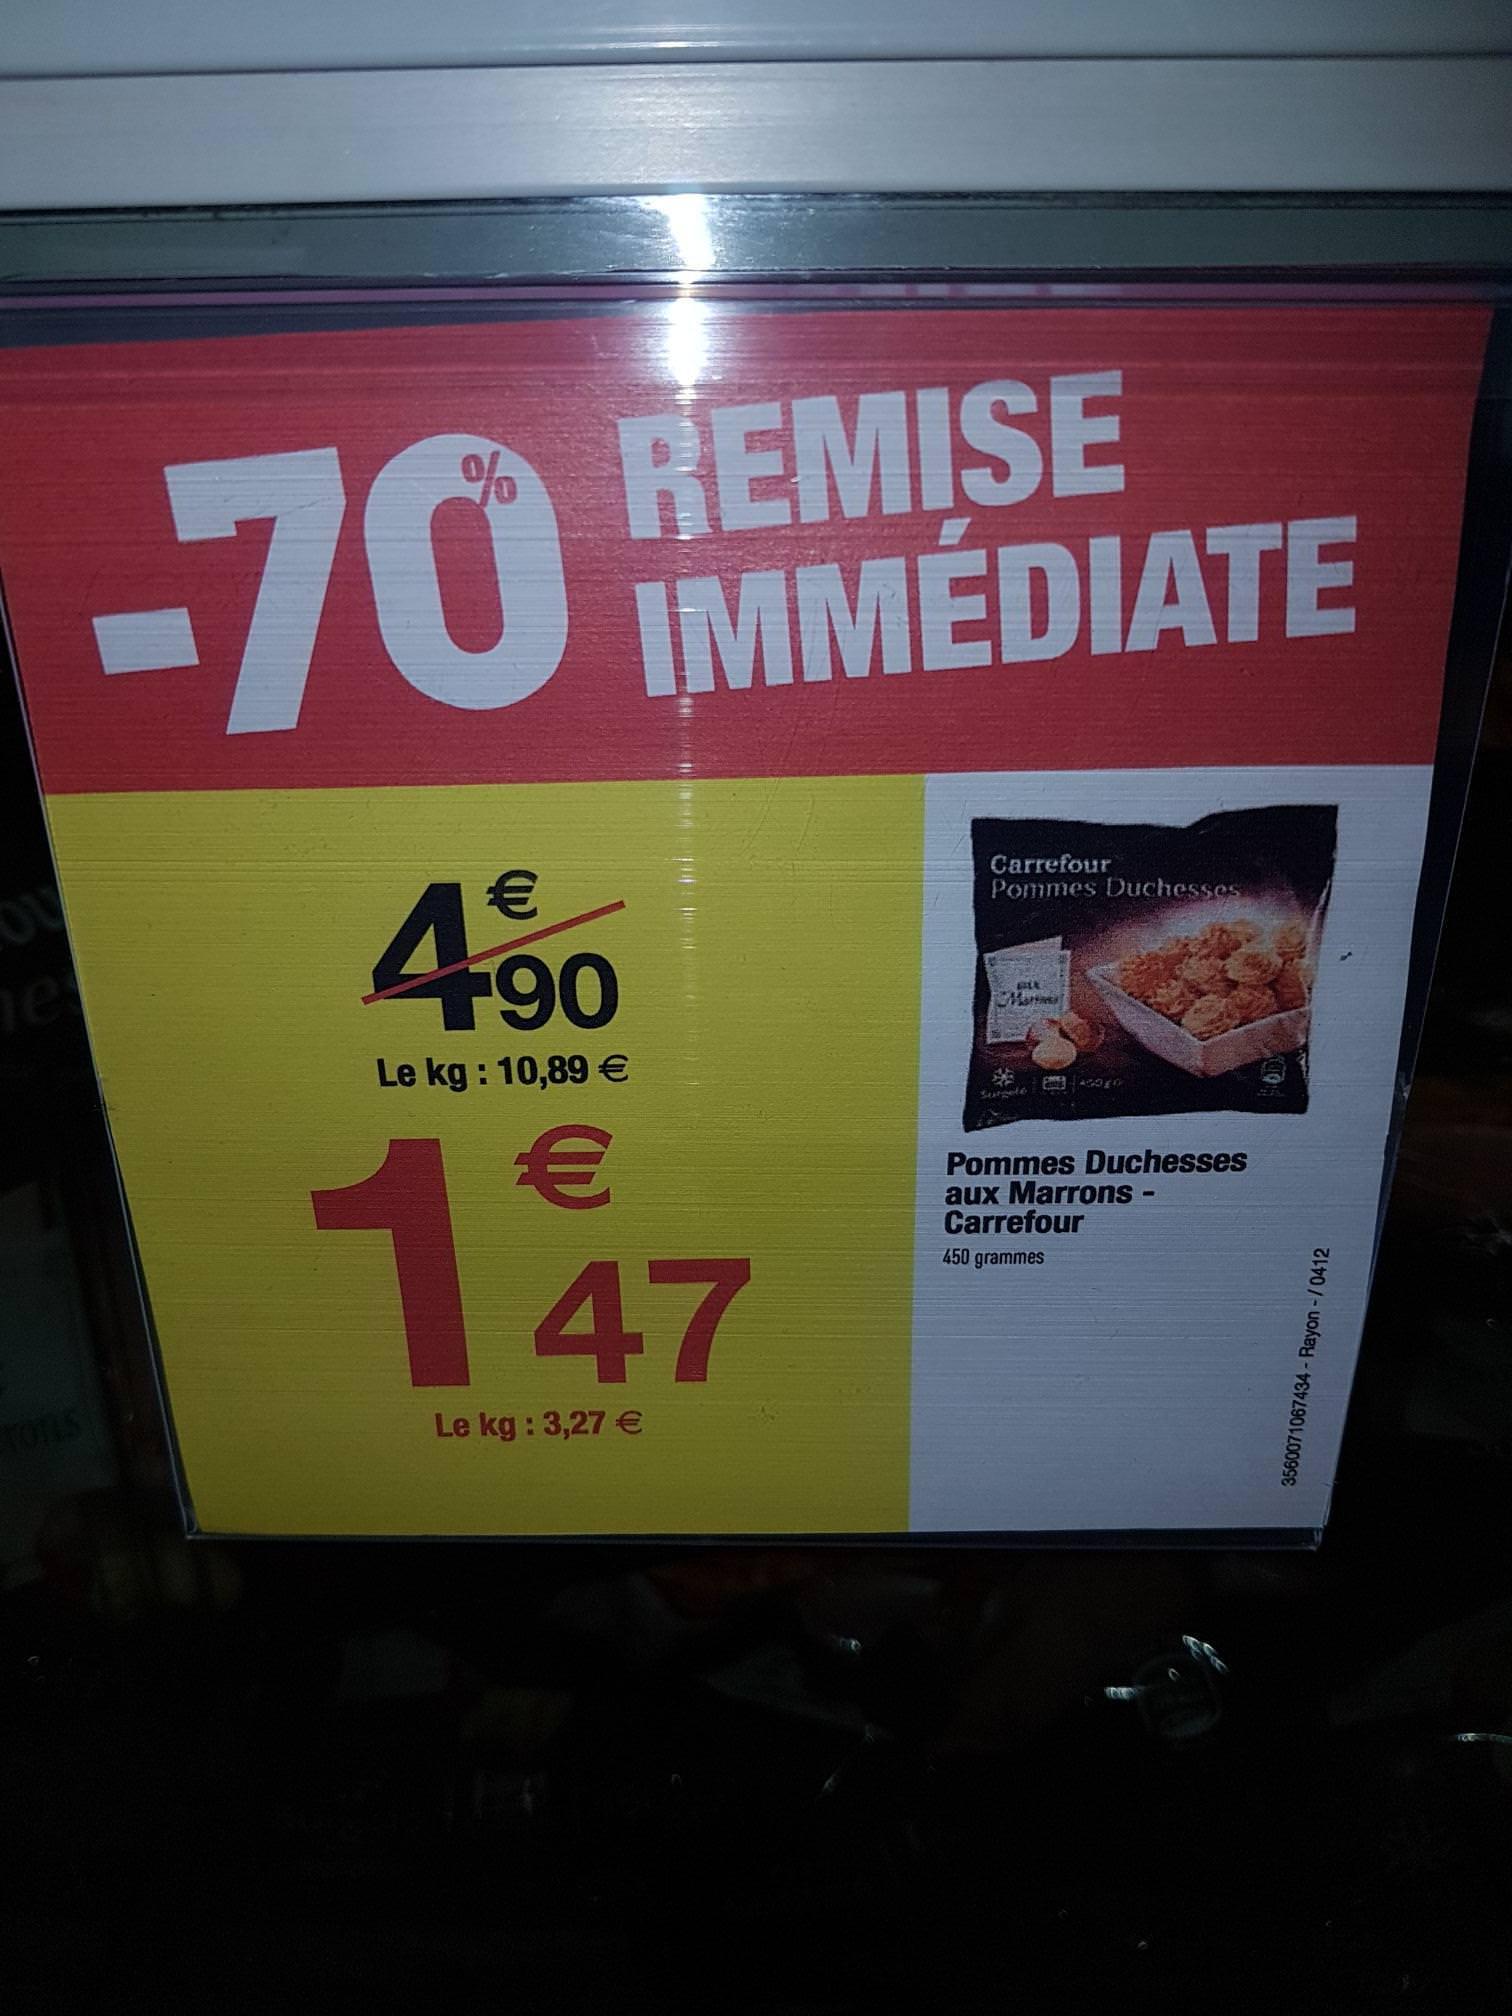 Sachet de pommes duchesses aux marrons Carrefour - 450 g au Carrefour Mayol Toulon (83)